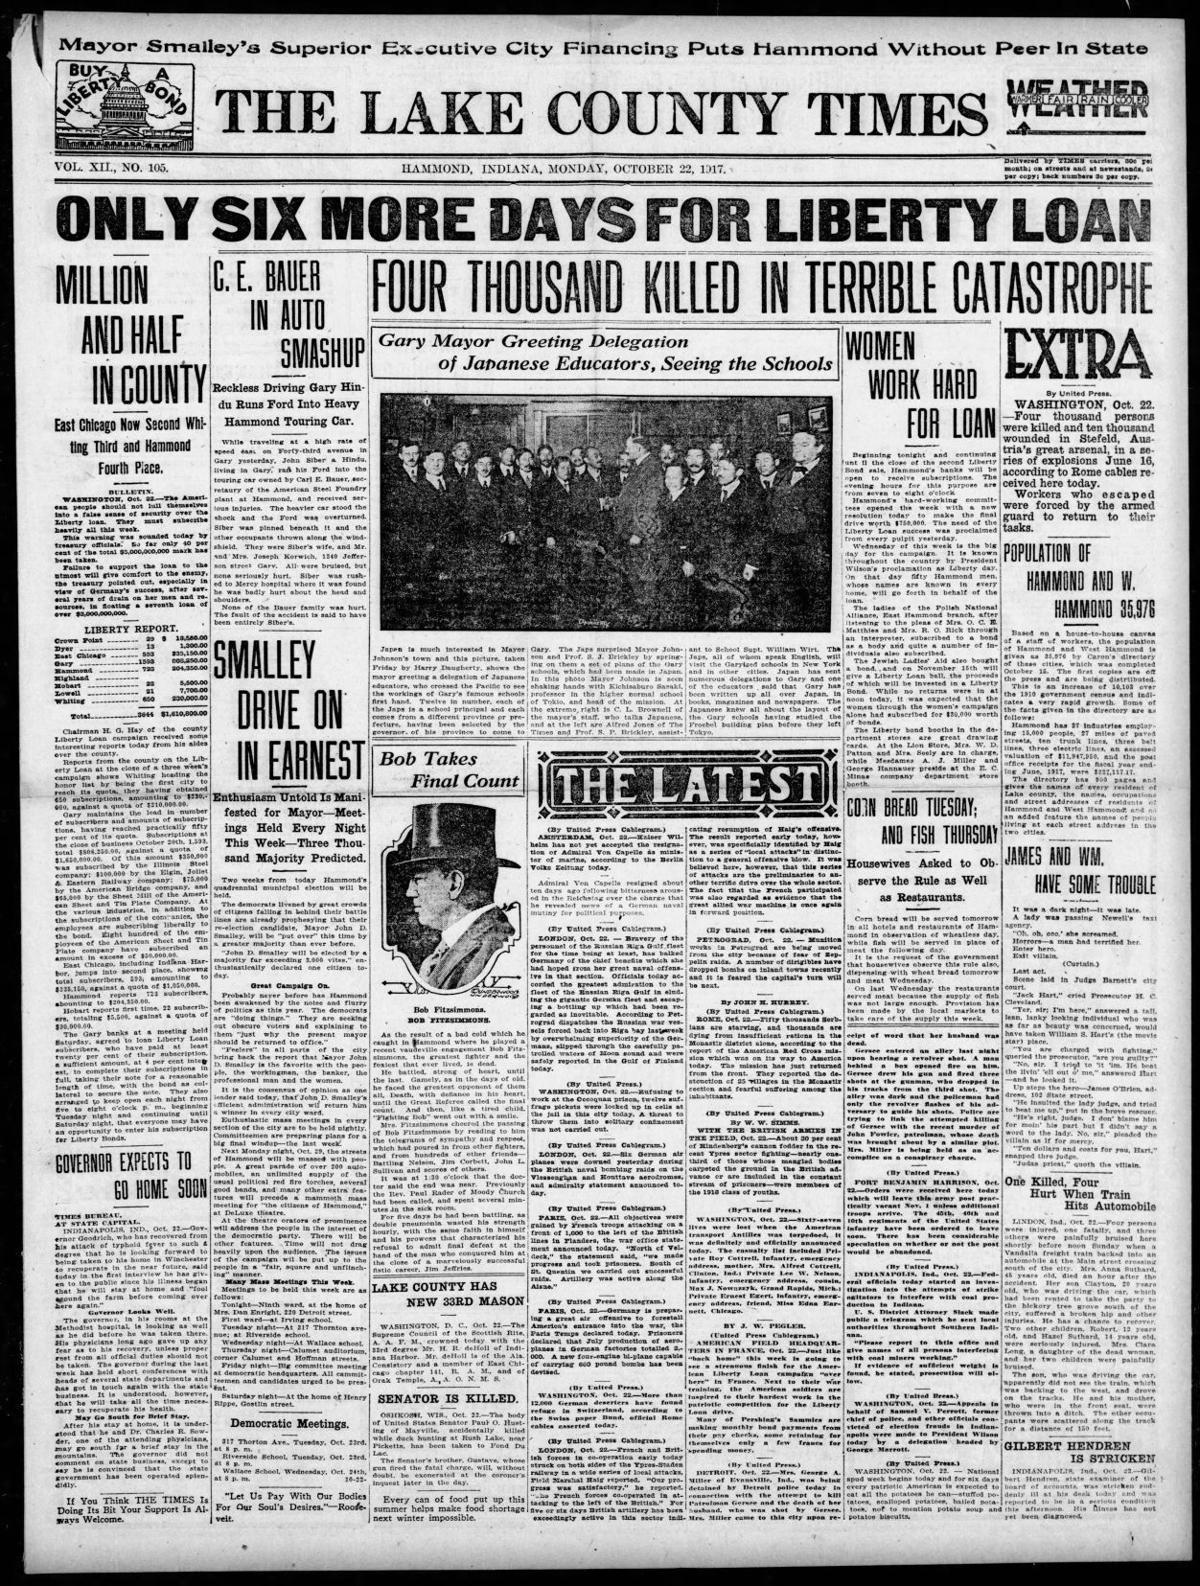 Oct. 22, 1917: Population of Hammond and W. Hammond 35,976